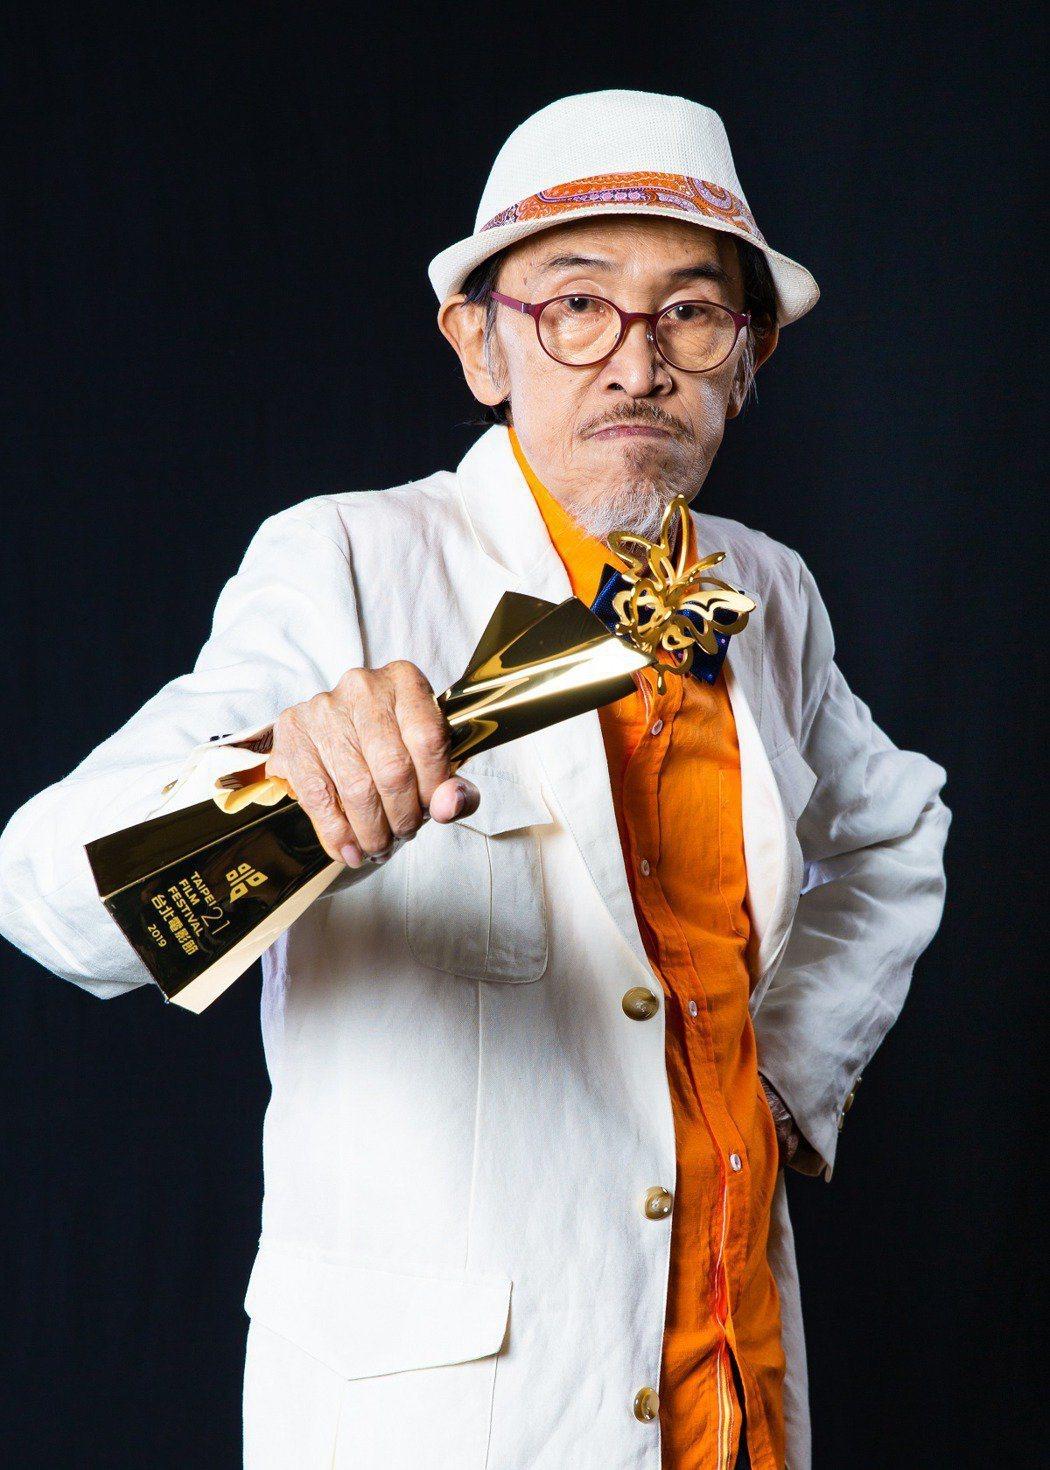 小戽斗去年以「老大人」奪得2019台北電影獎最佳男主角獎。圖/台北電影節提供